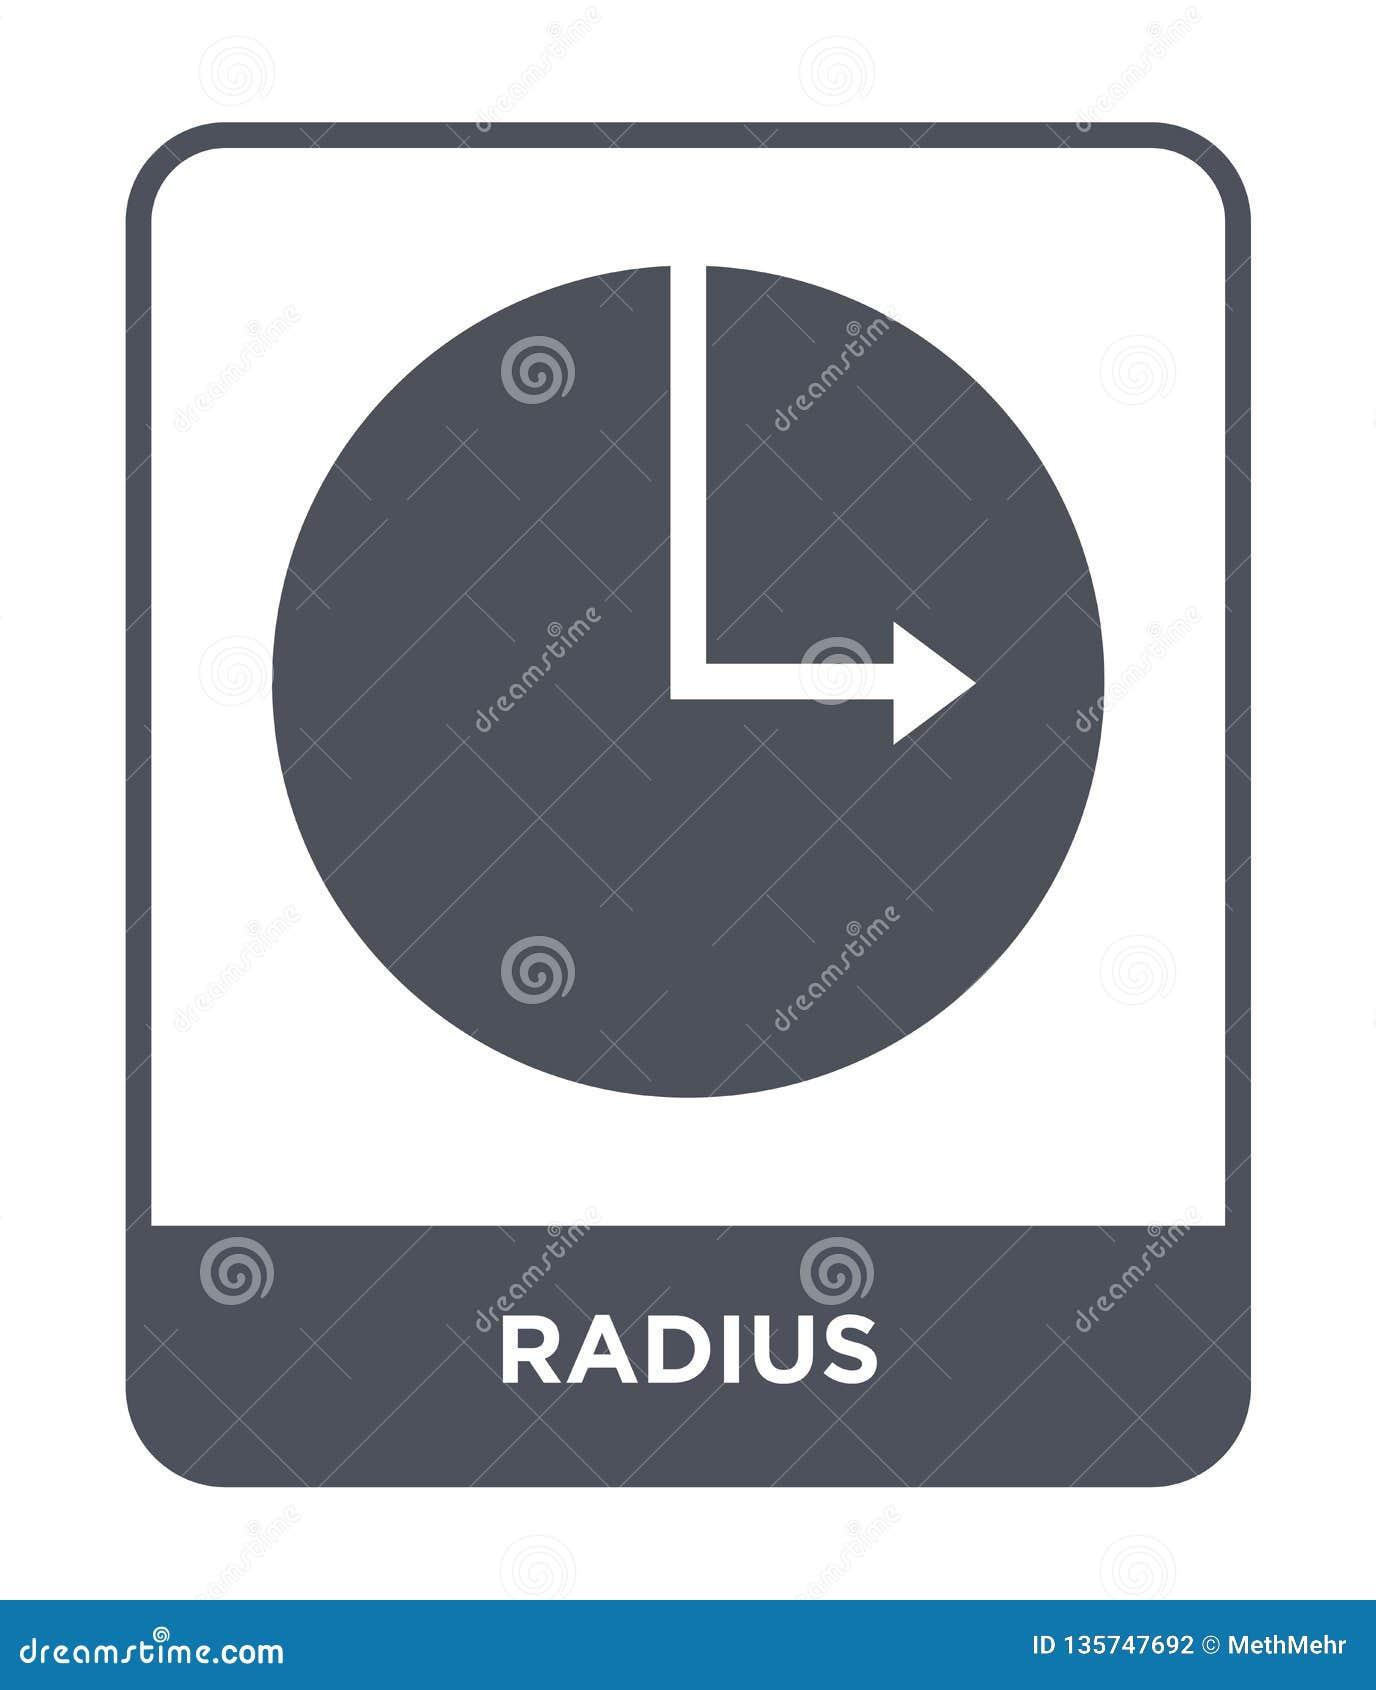 Radiesymbol i moderiktig designstil radiesymbol som isoleras på vit bakgrund symbol för symbol för radievektor enkelt och modernt